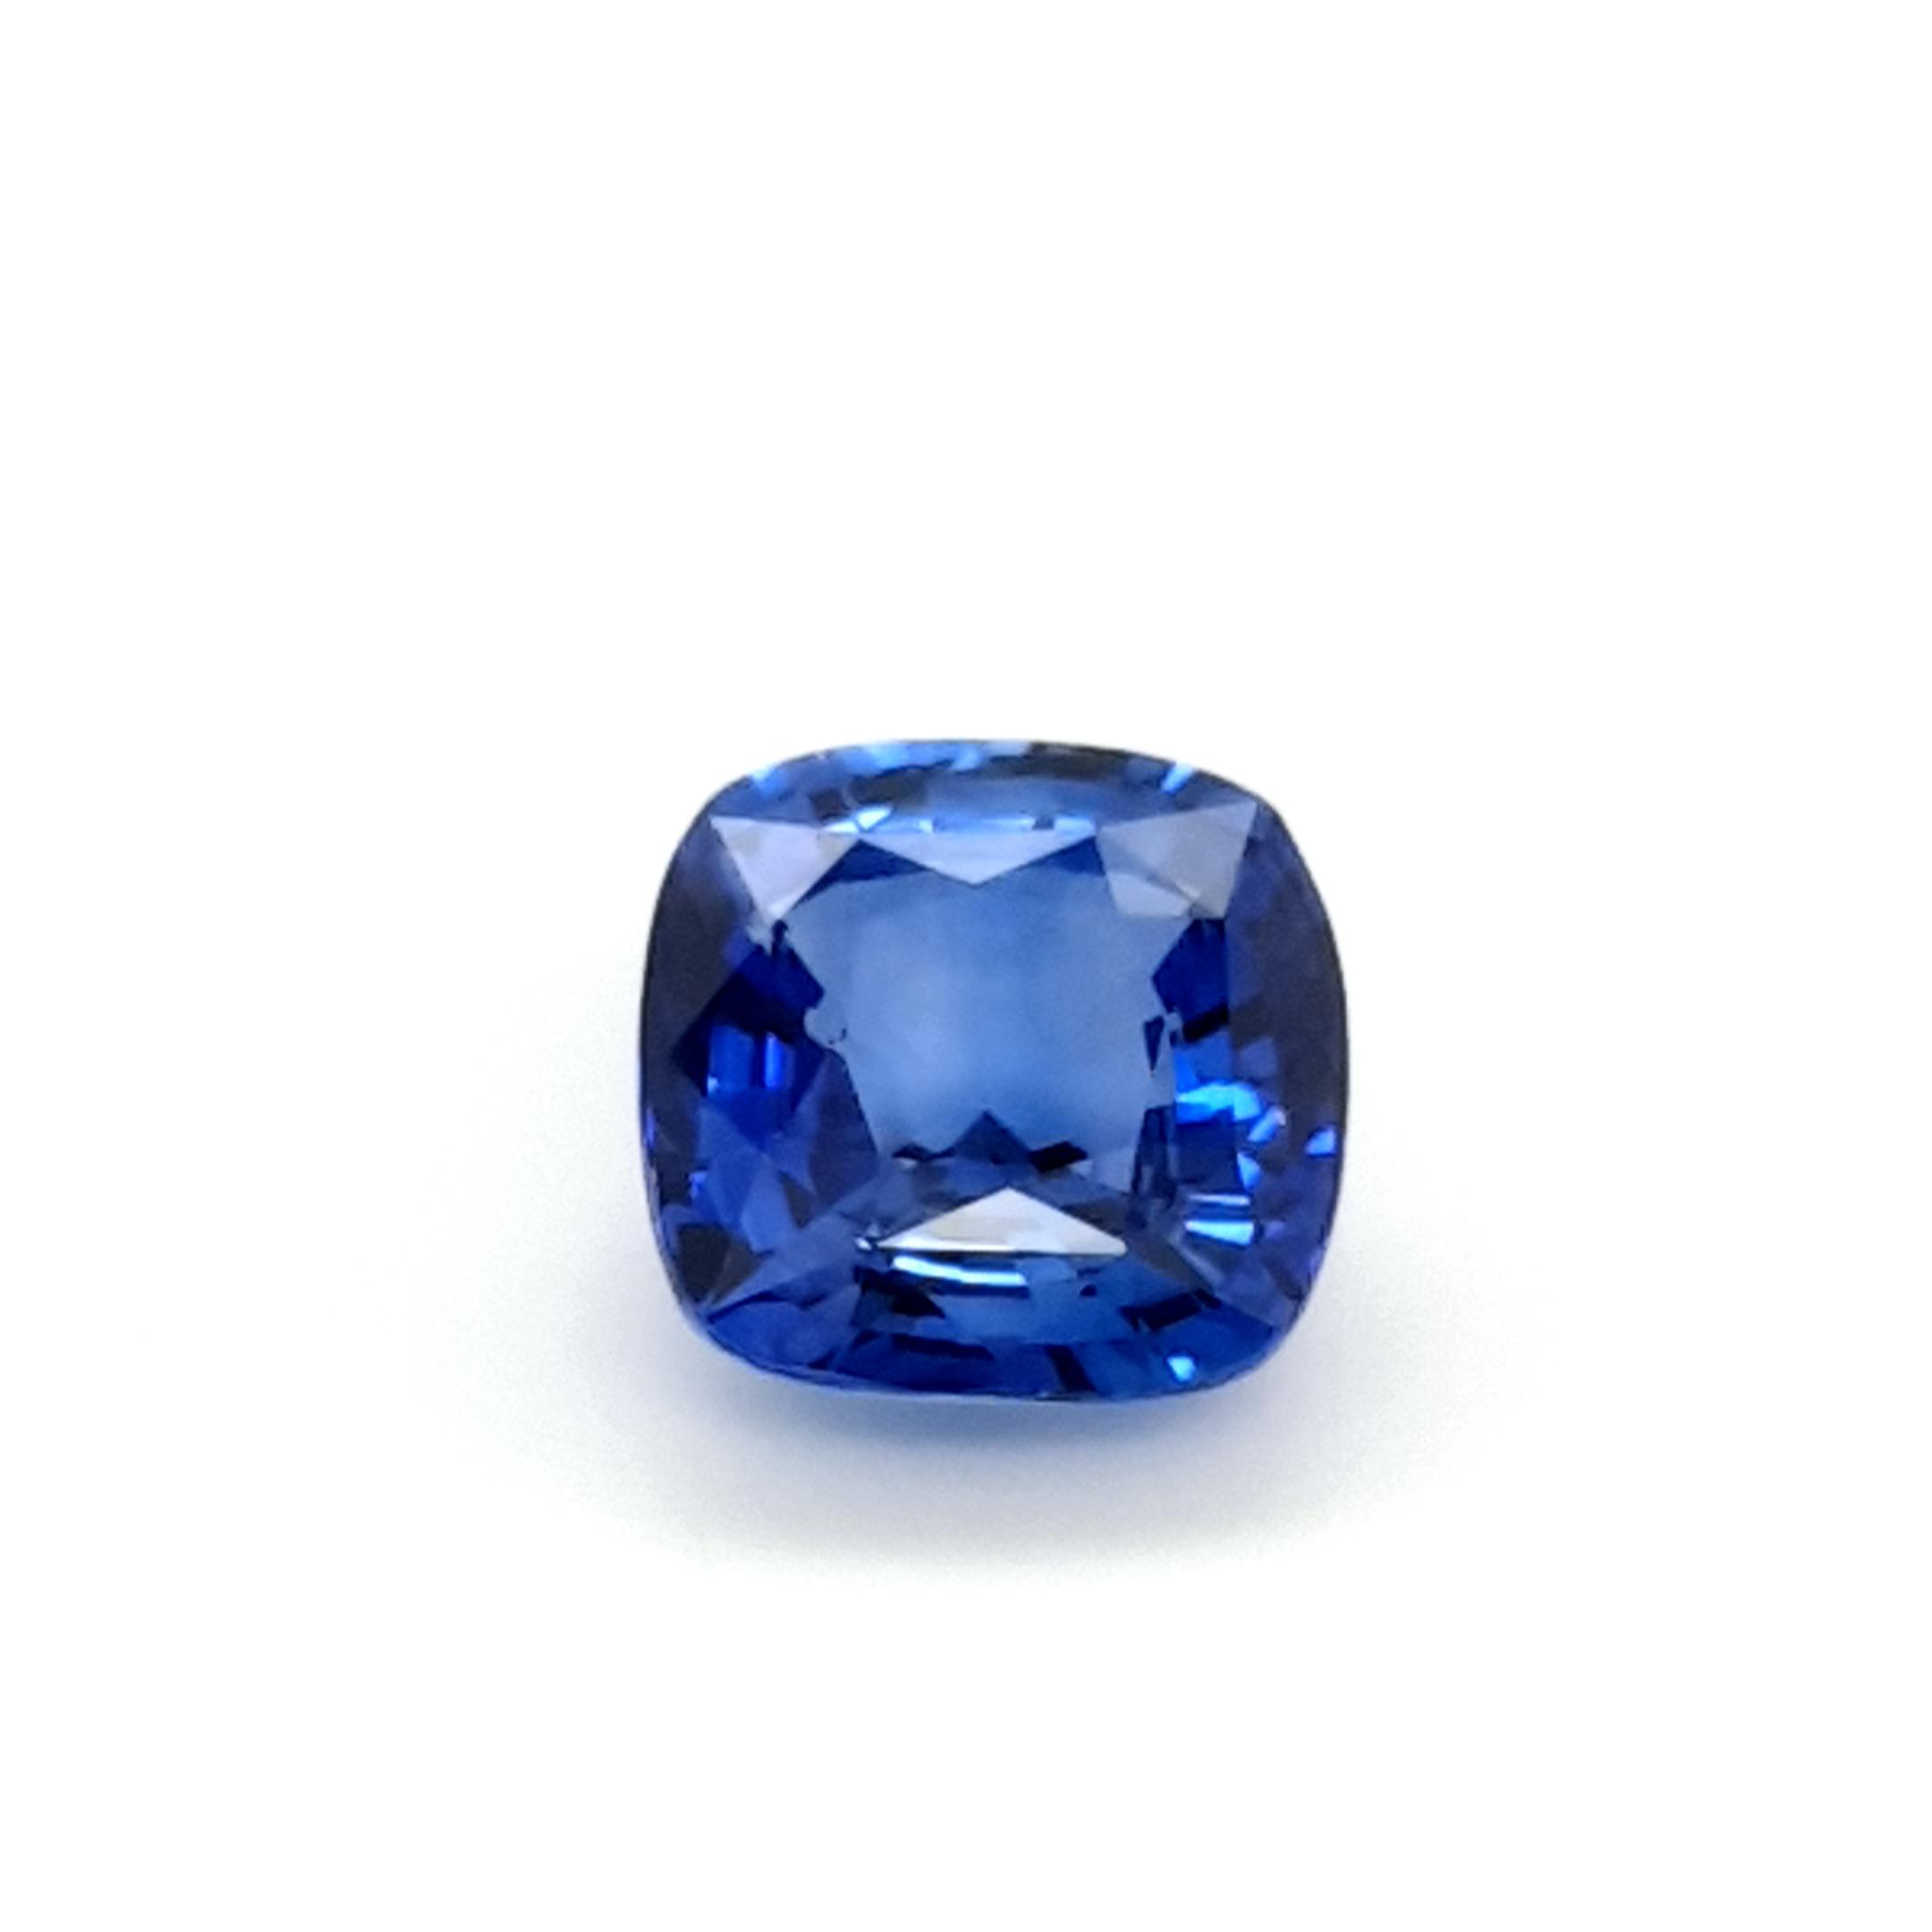 4,80ct. Sapphire Cushion Ceylon cert. SAI17D20 claudiaHamann__2021-06-03-10-58-28